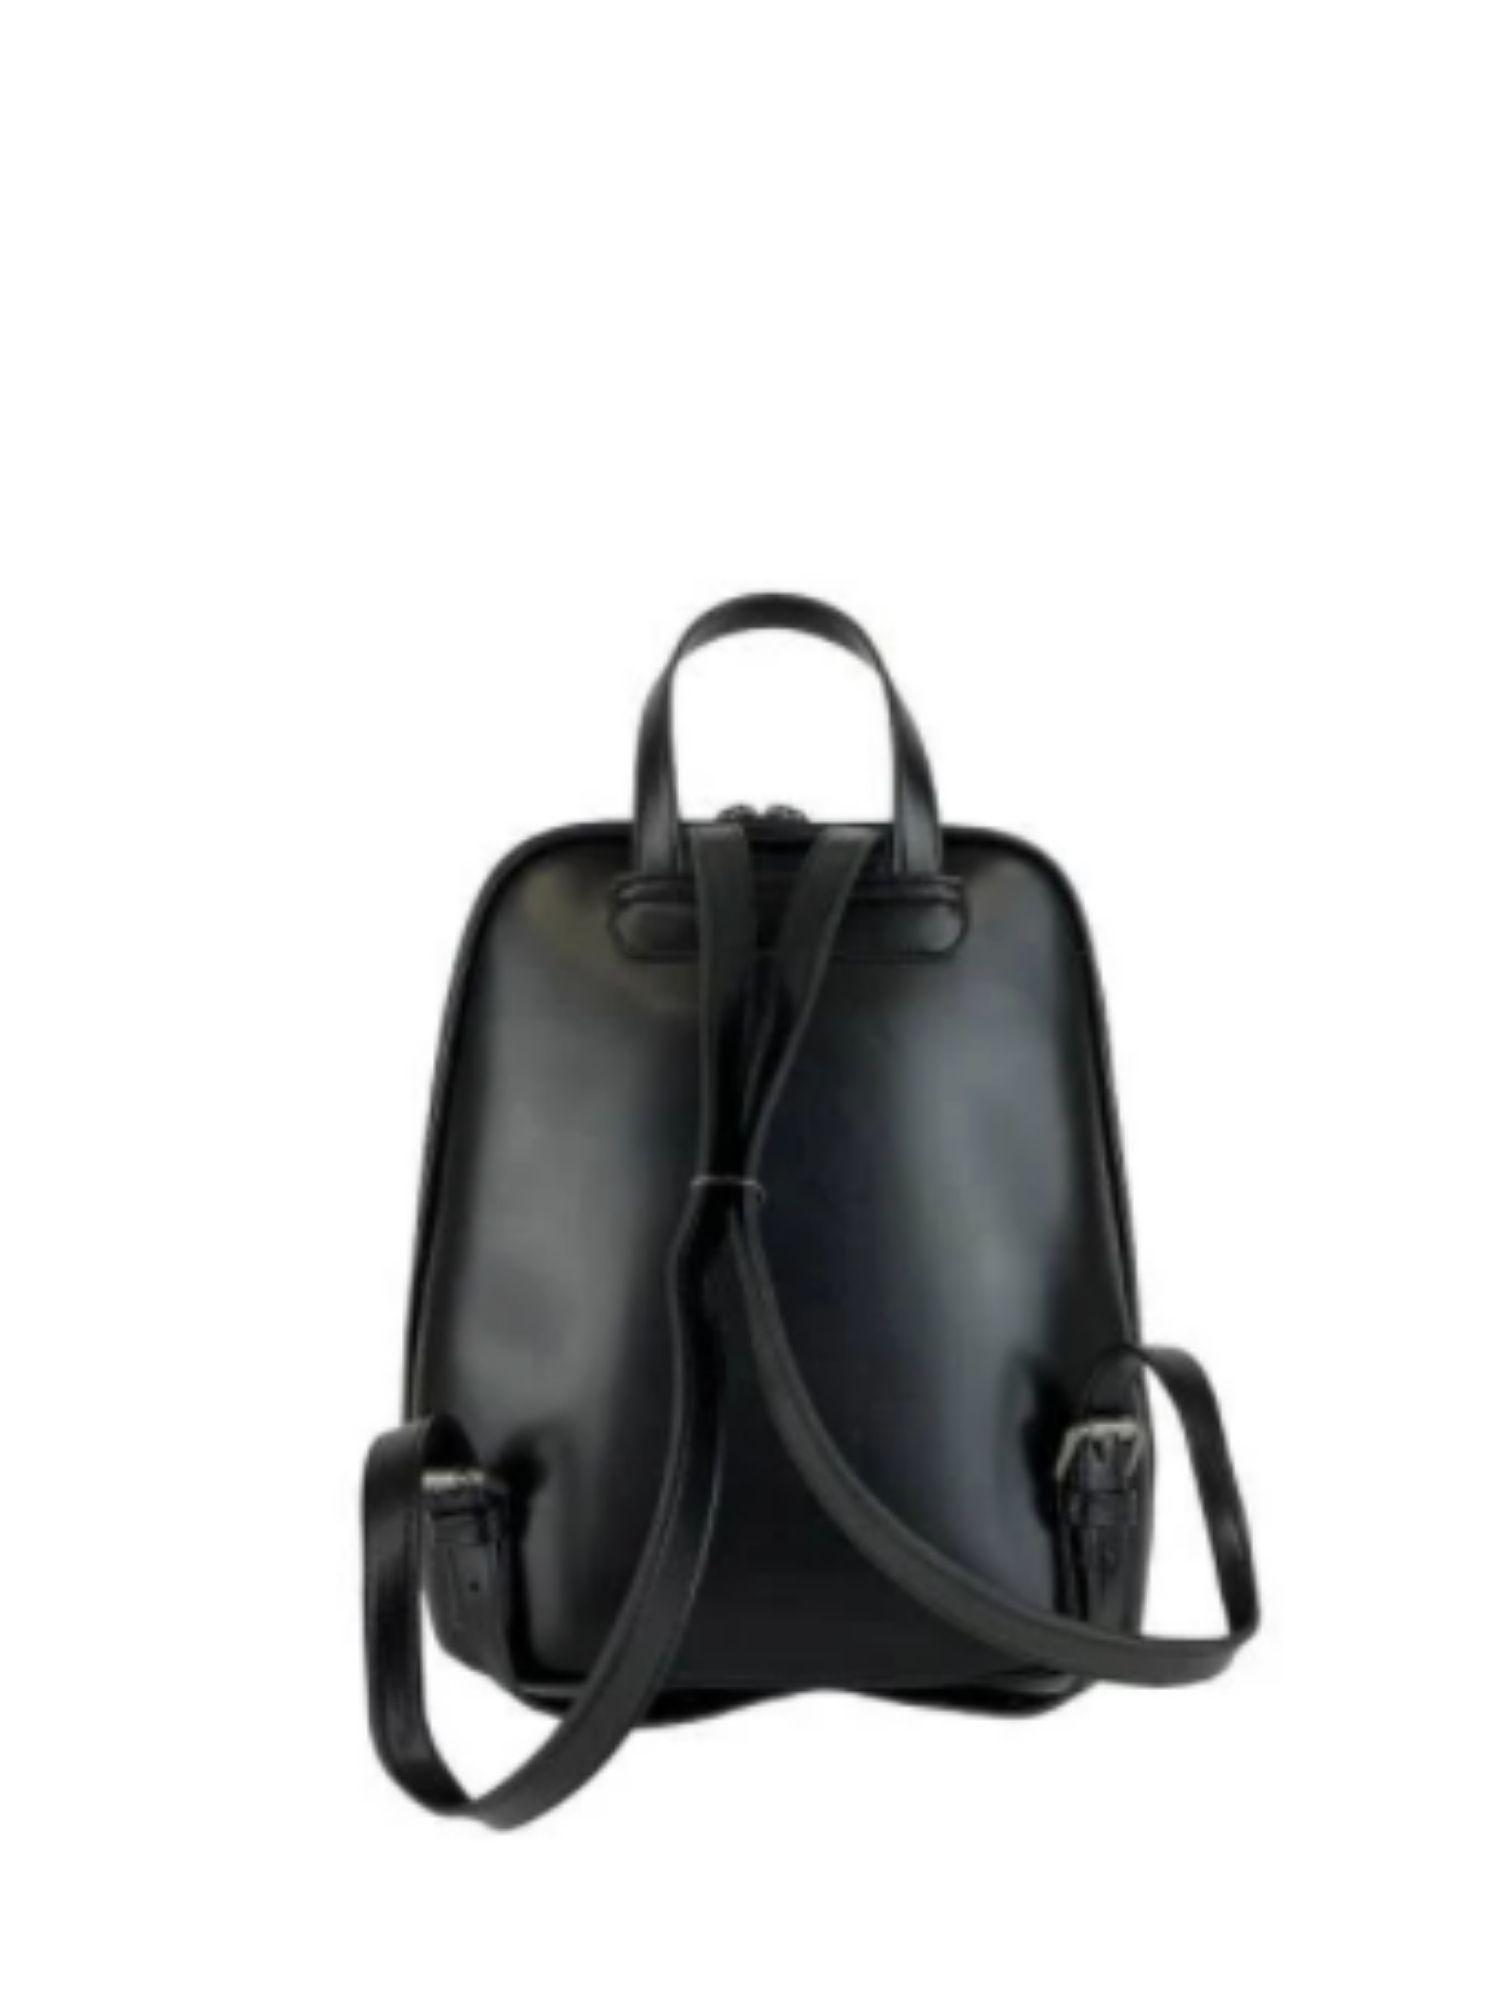 Zaino Atelier Du Sac Pash Bag 10916 Nero 2 2